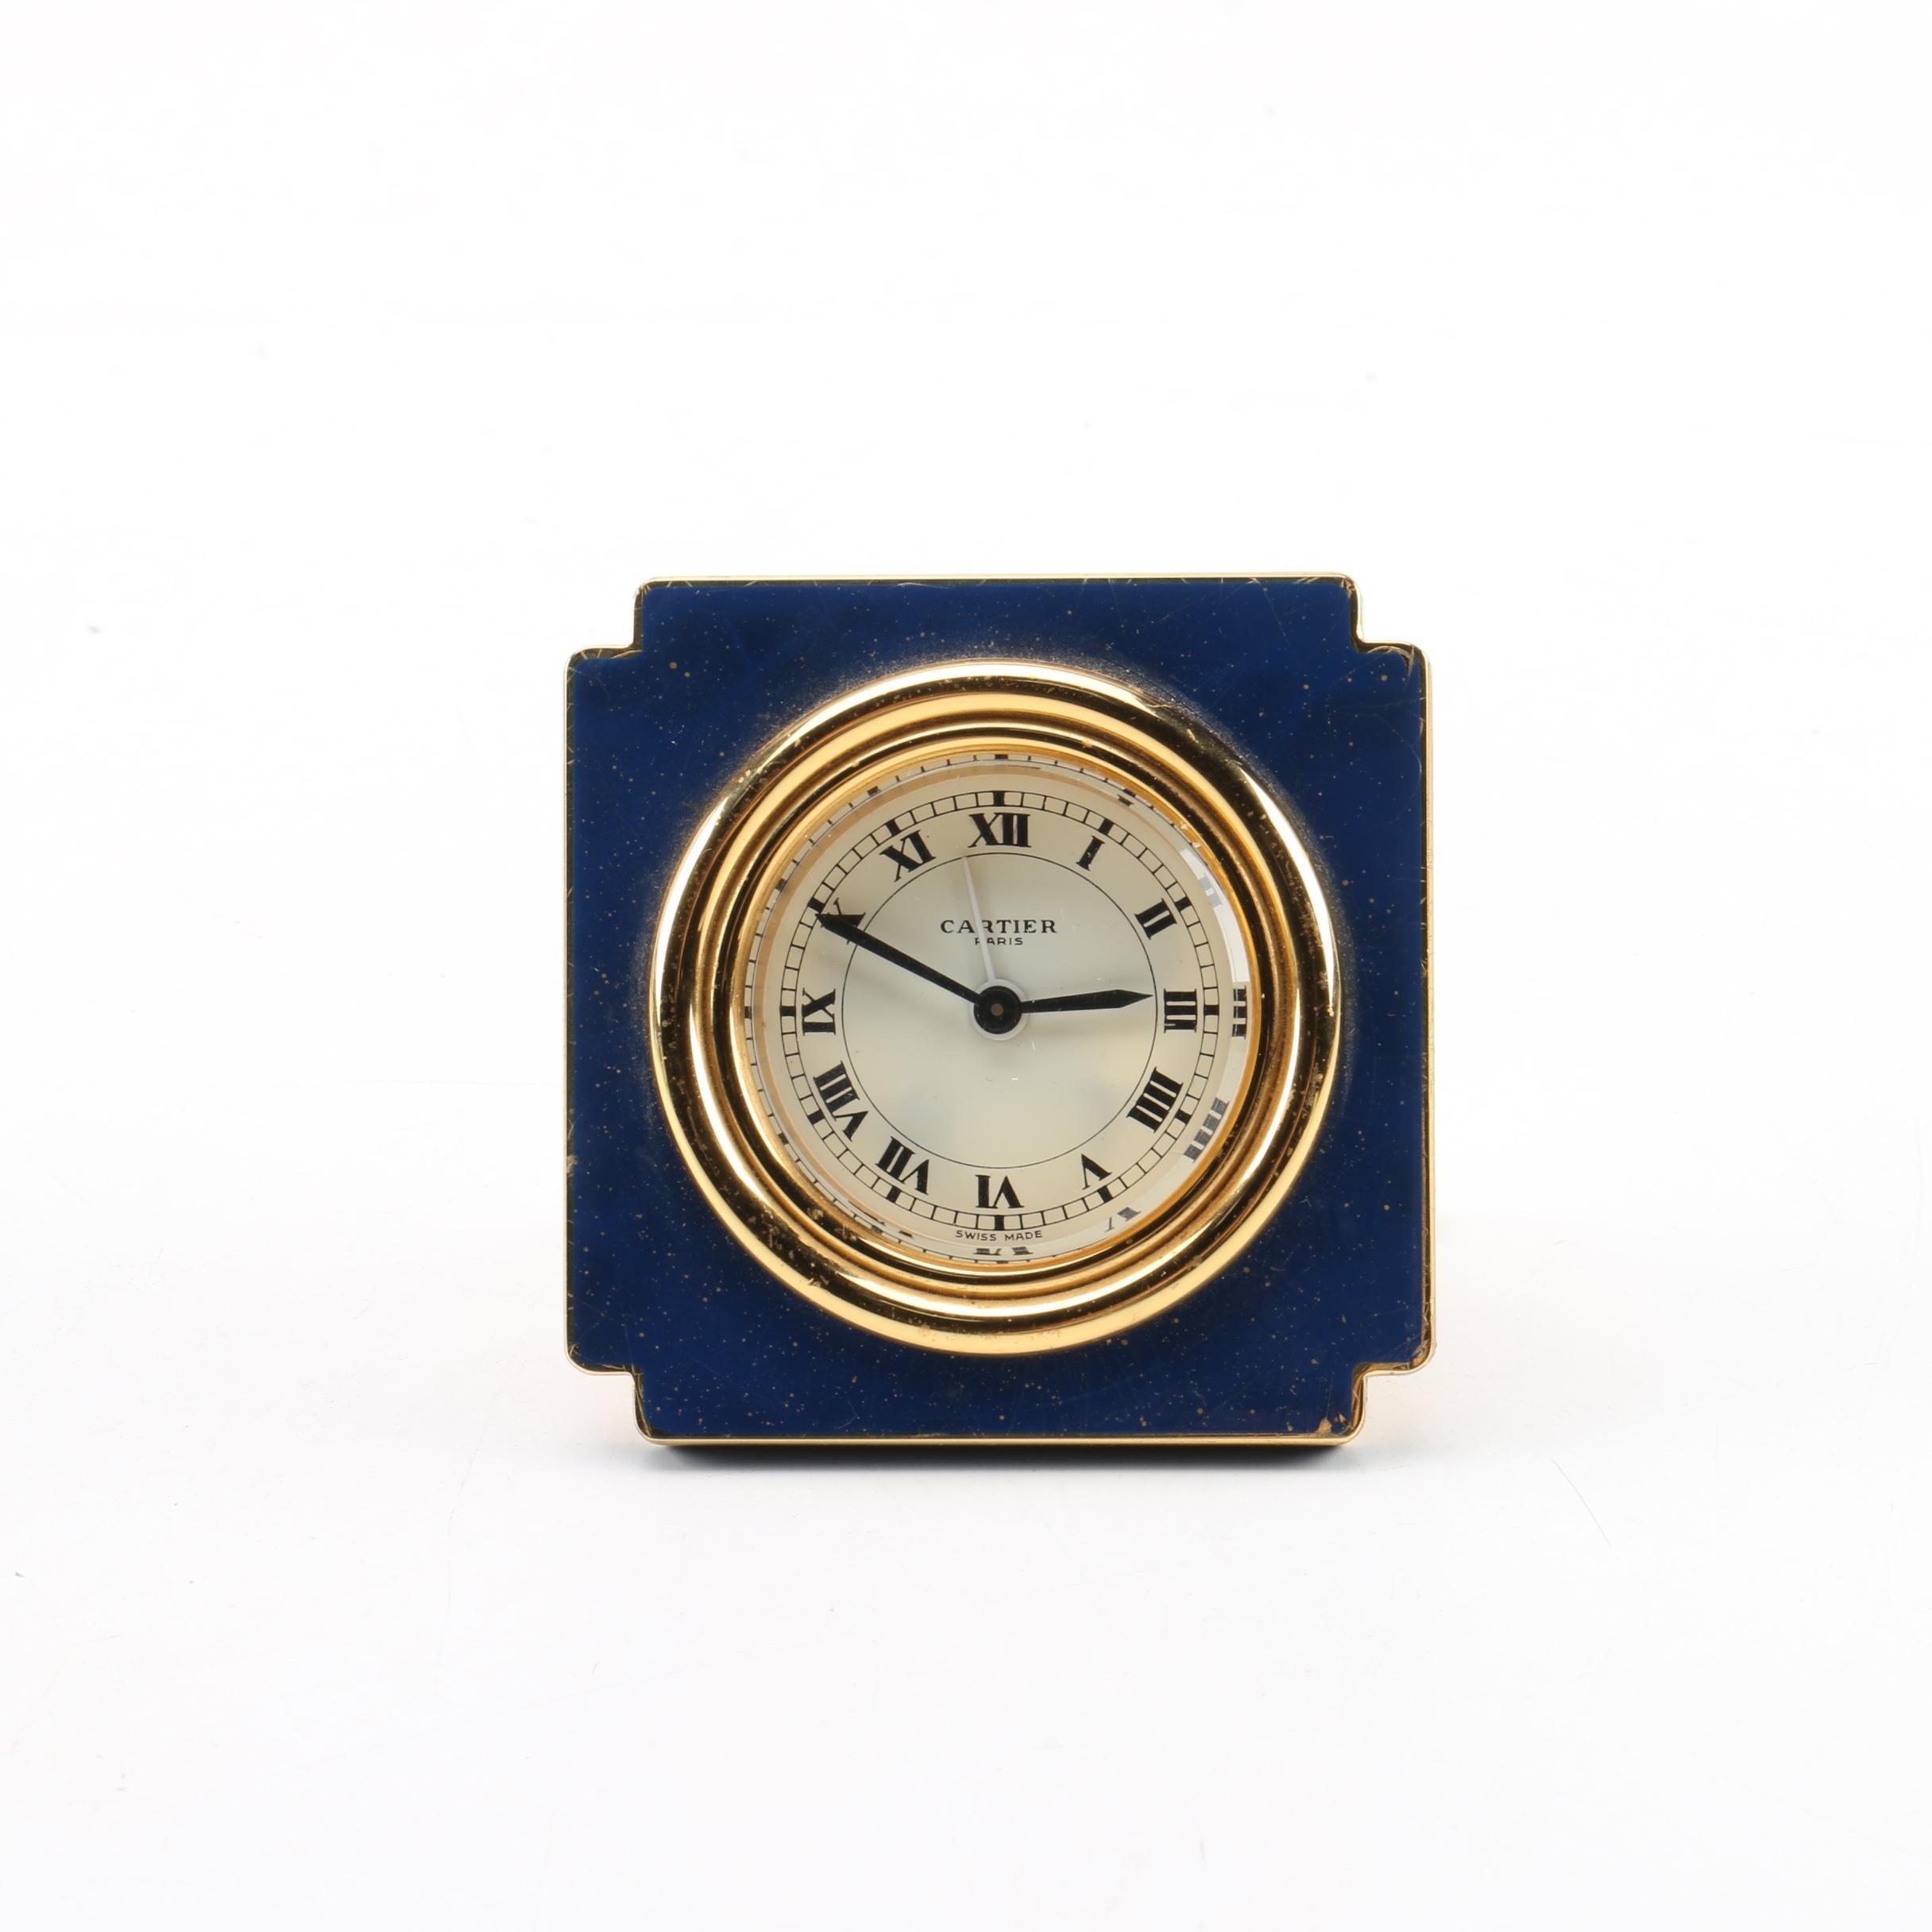 Vintage Cartier Travel Alarm Clock